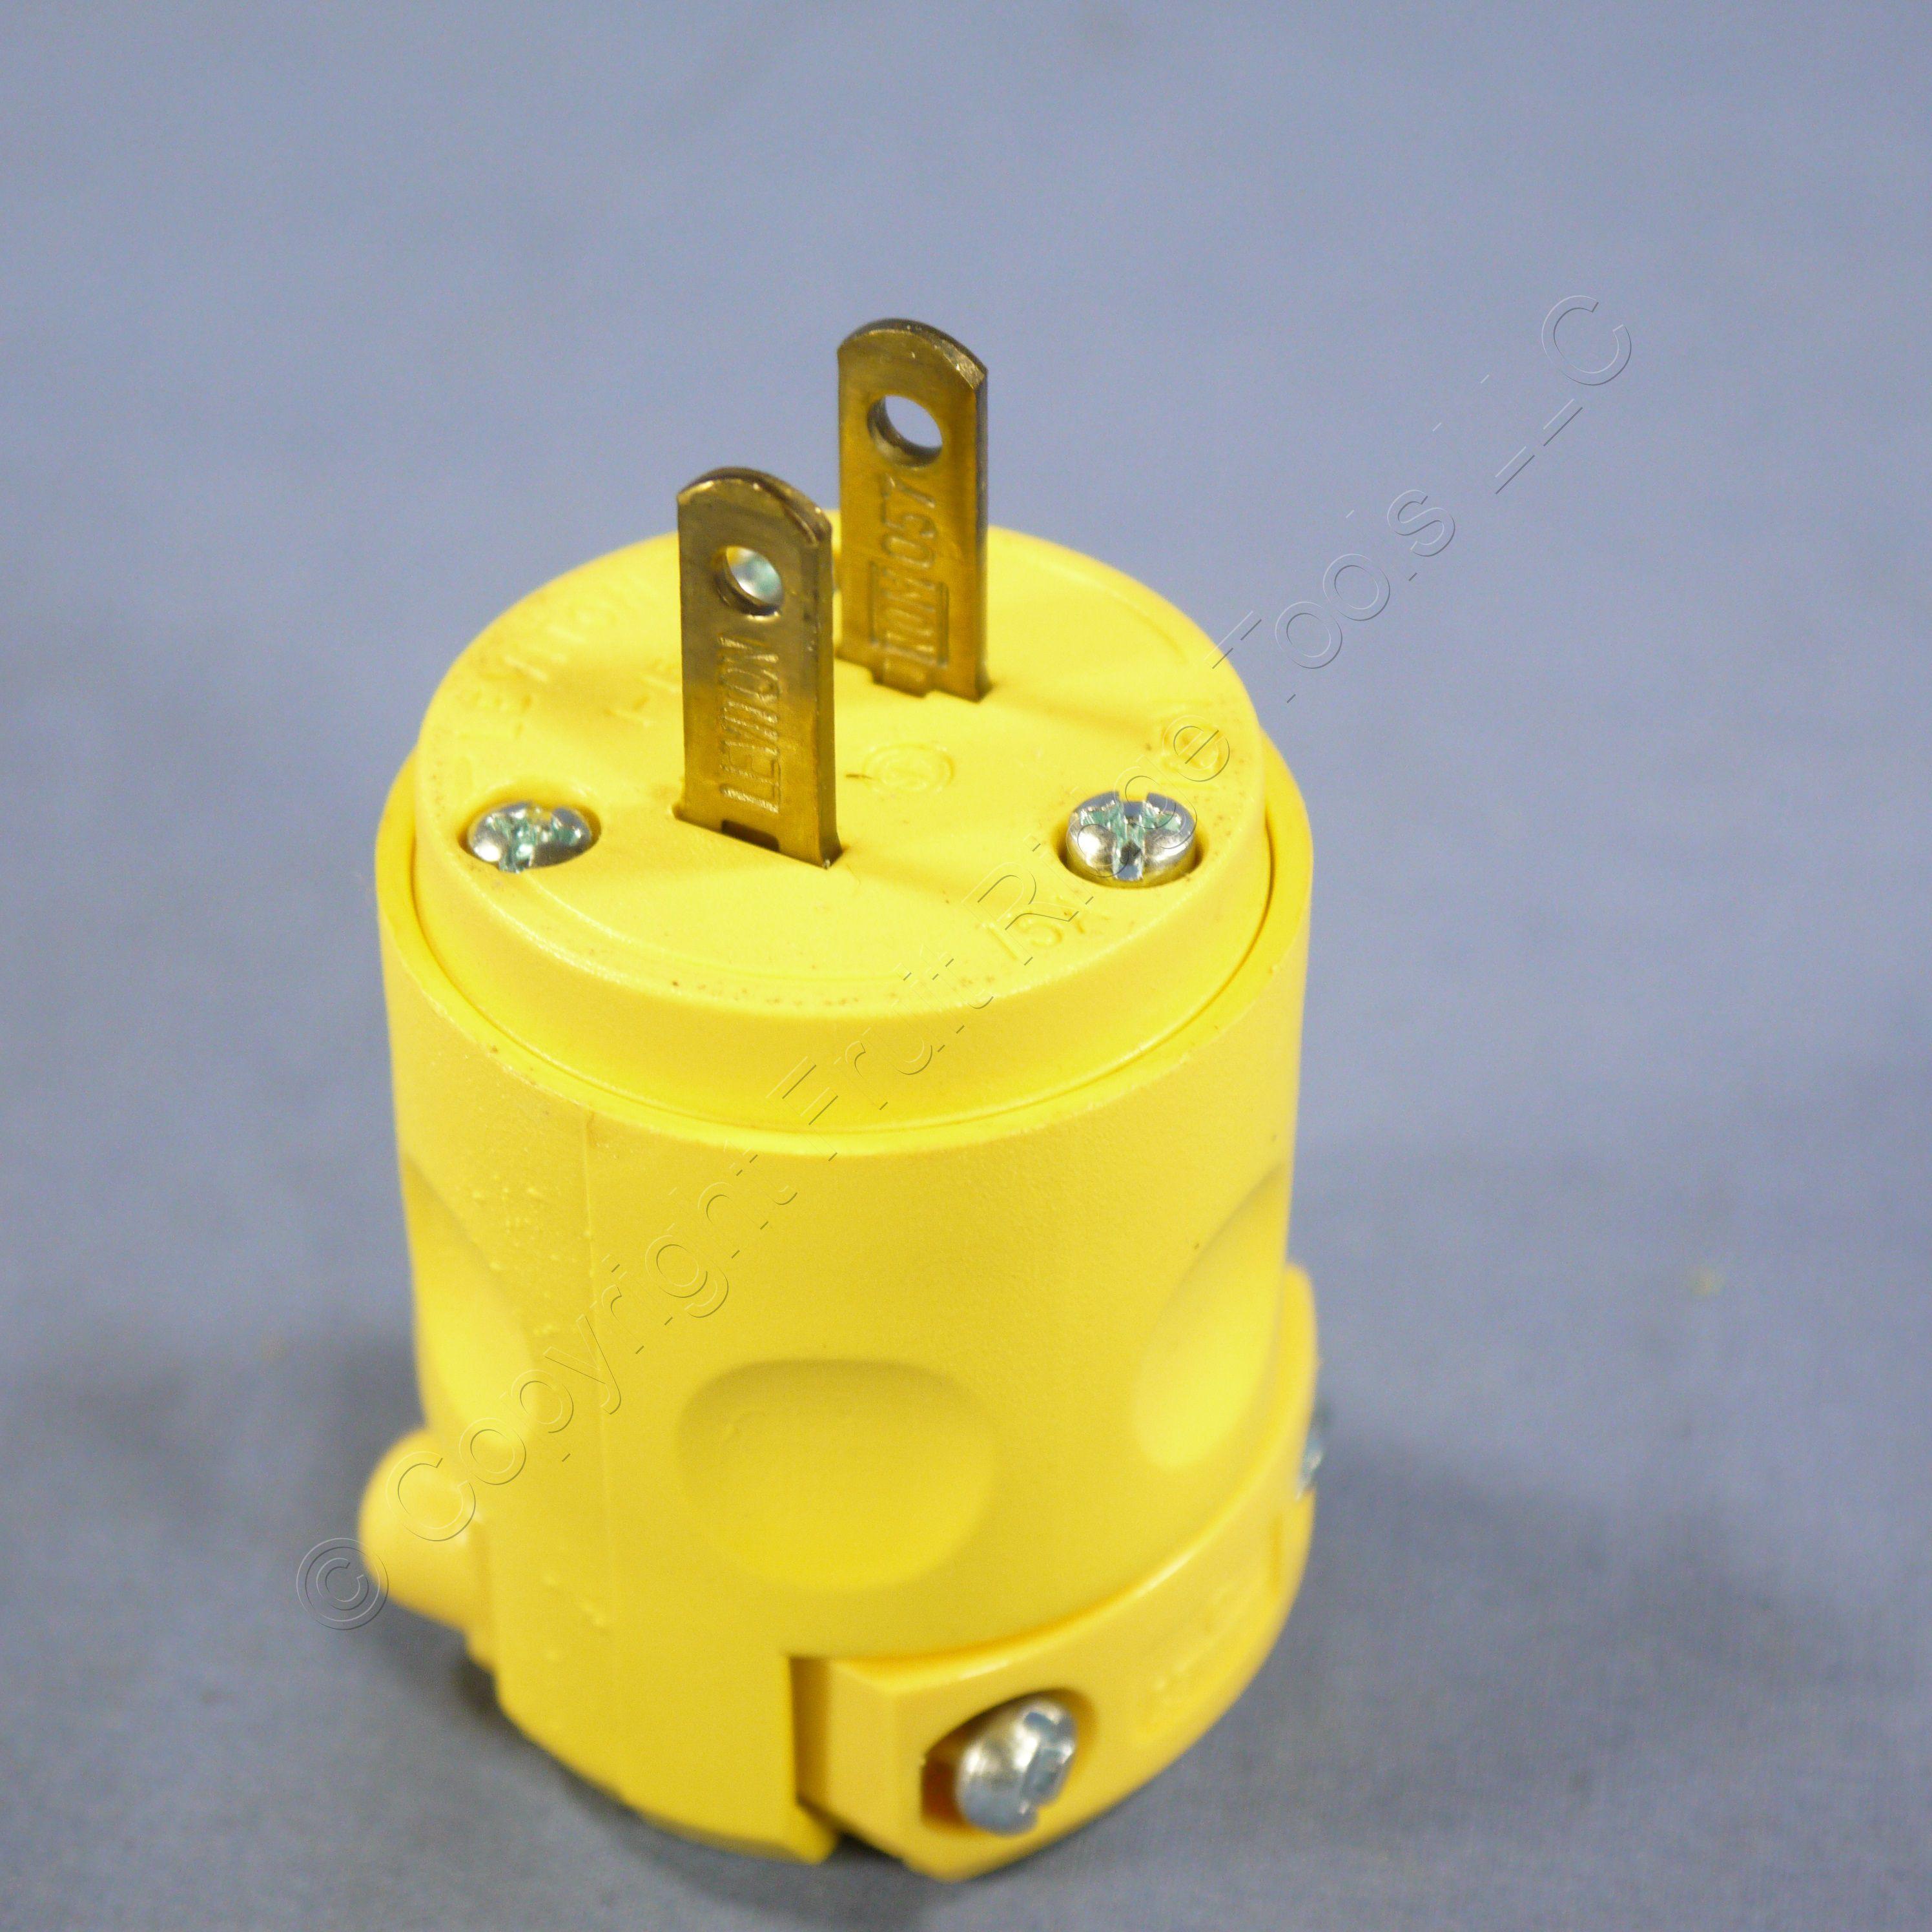 New Leviton Non-Polarized Yellow PVC Cord End Plug Non-Grounding 1 ...